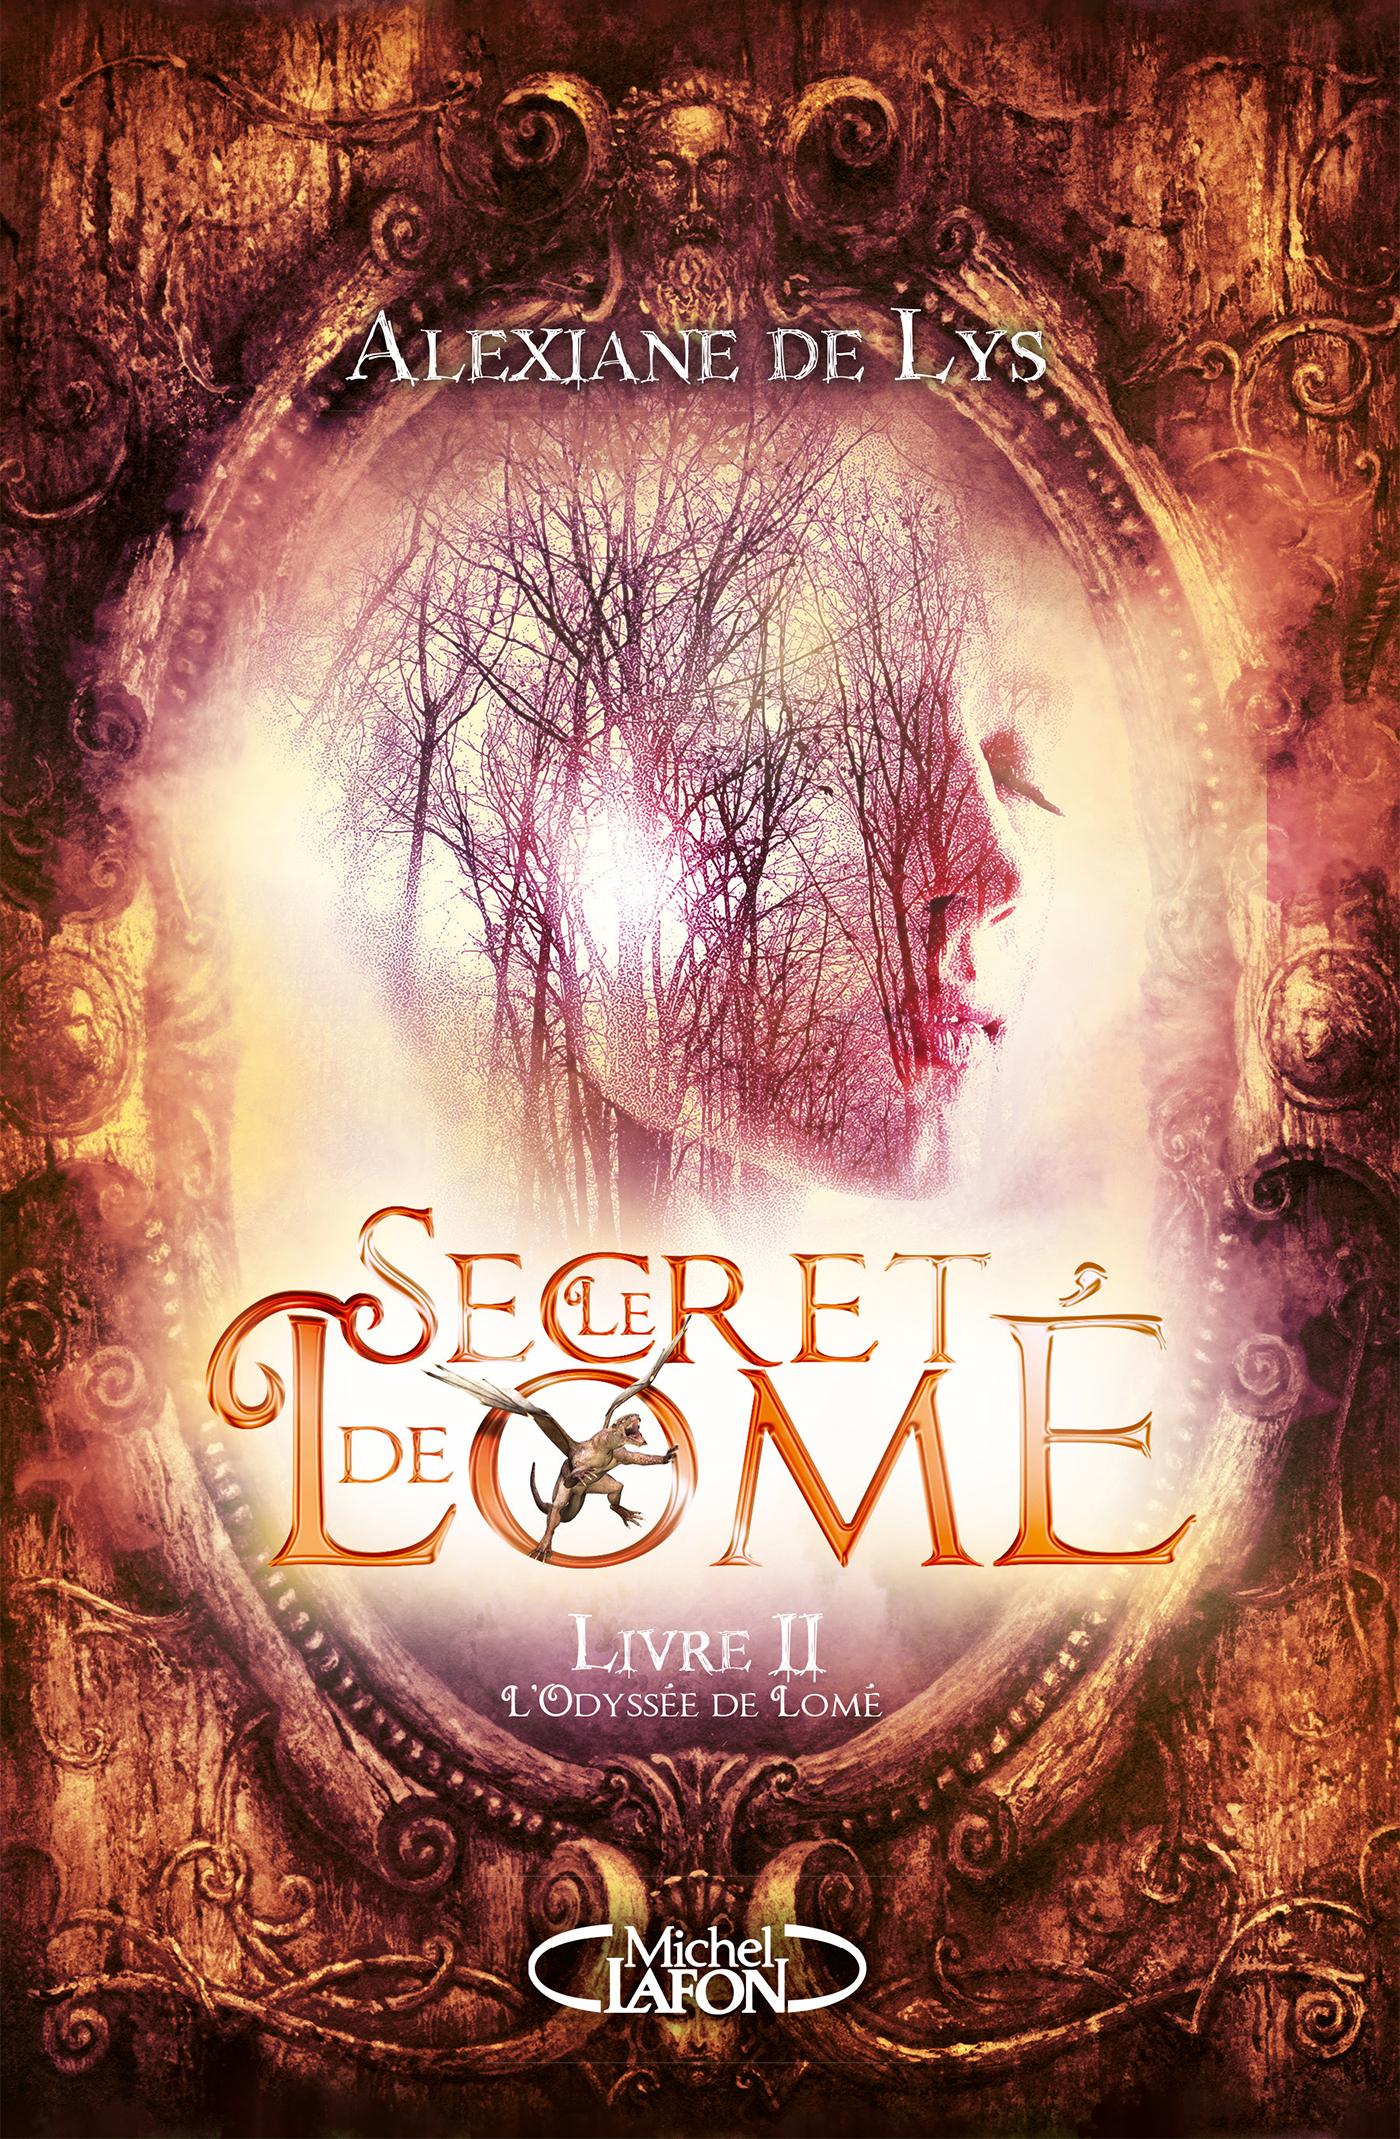 Le Secret de Lomé - livre II L'Odyssée de Lomé